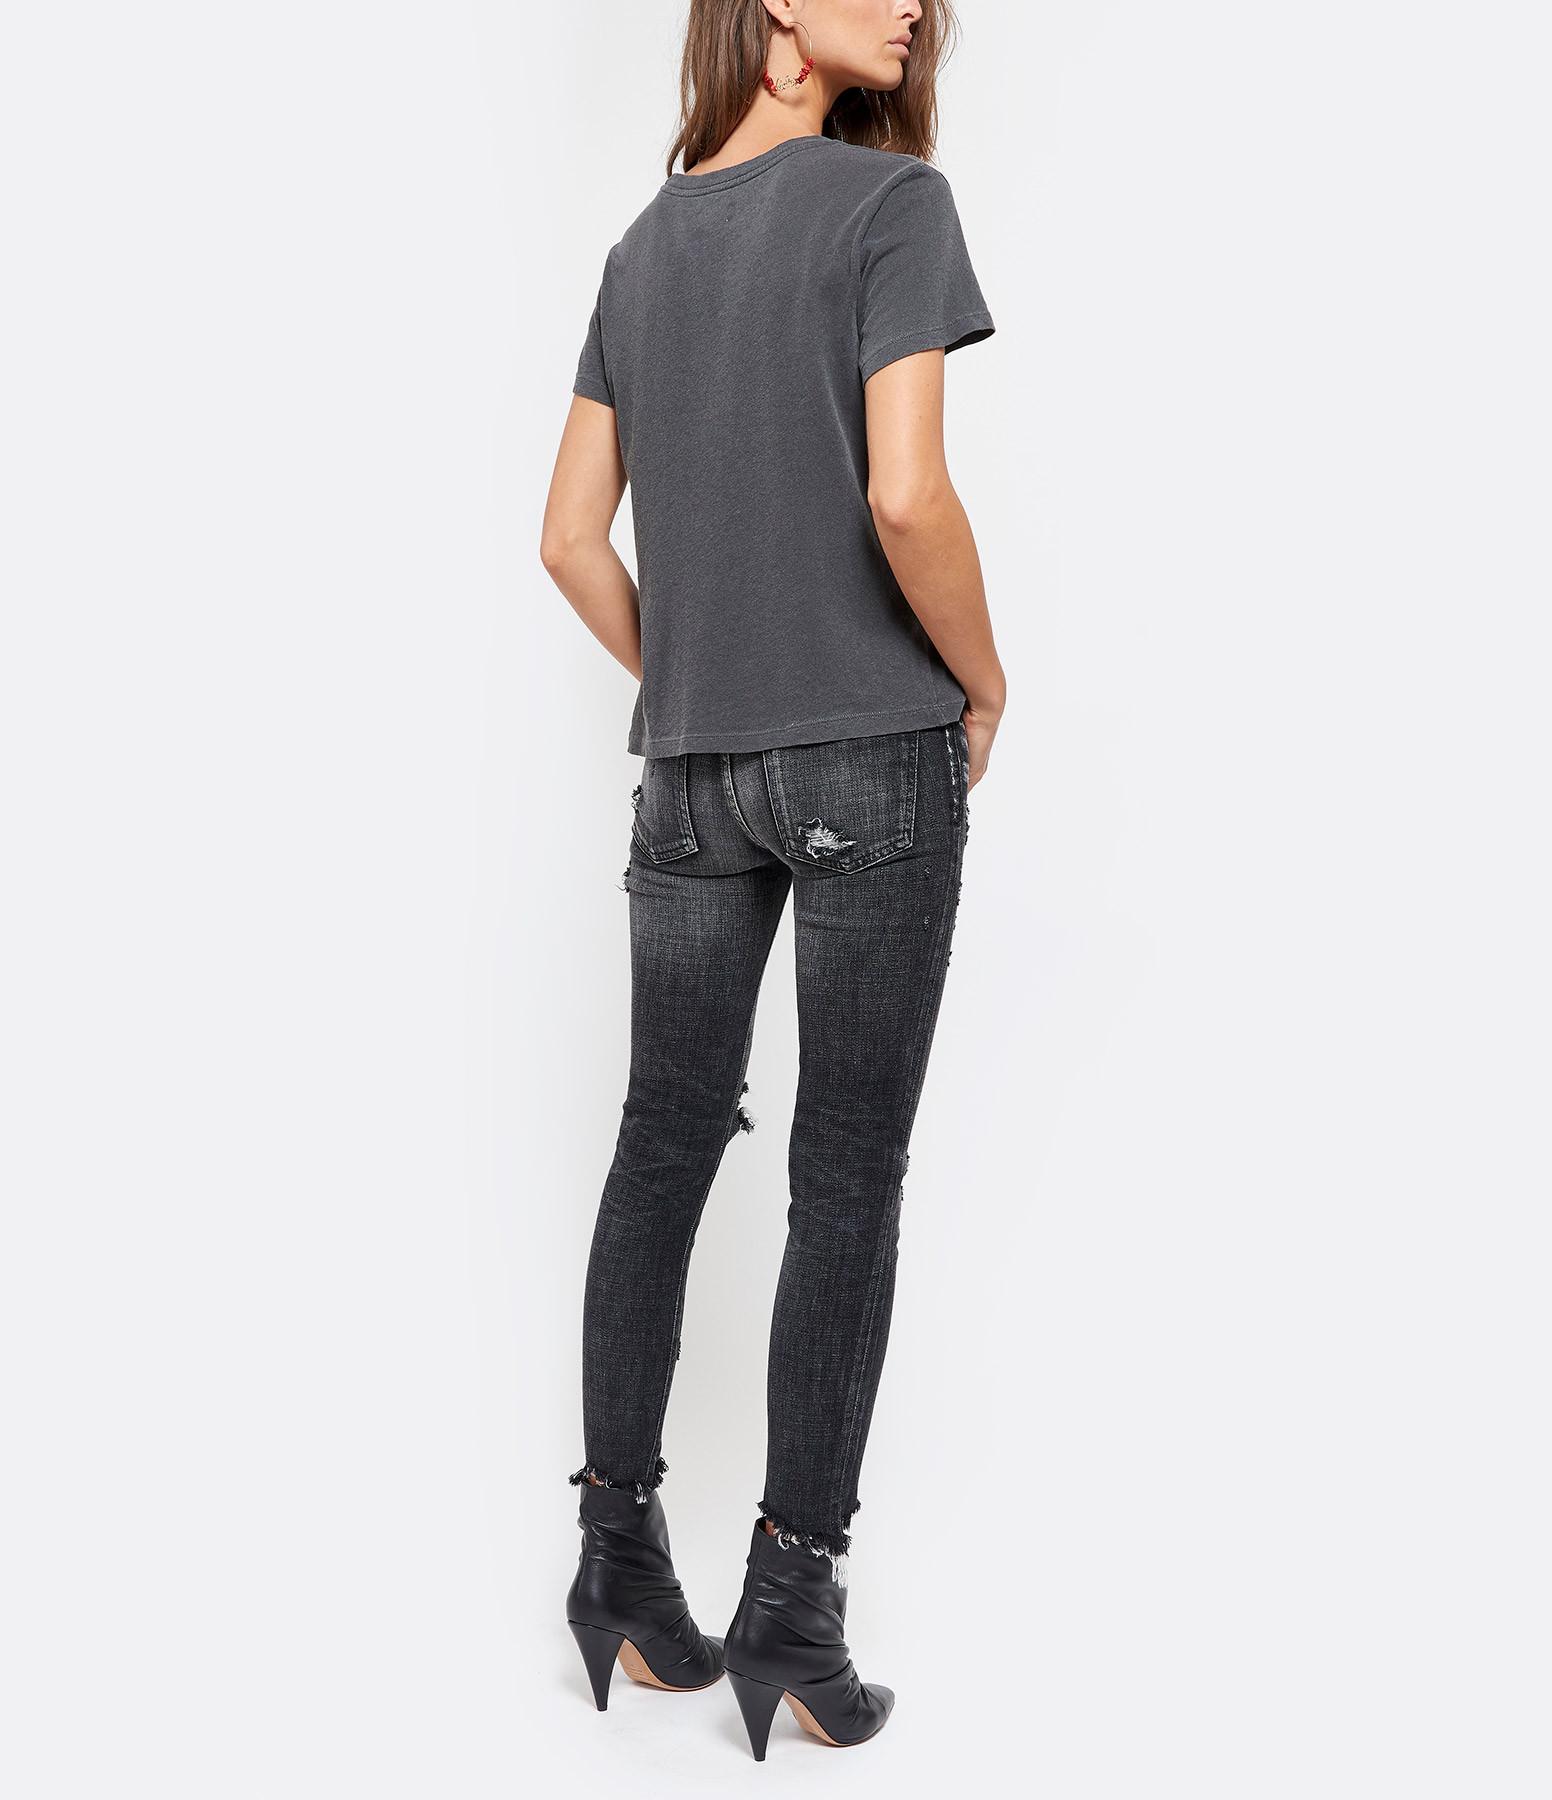 ZADIG & VOLTAIRE - Tee-shirt Alys Rock Roll Coton Noir